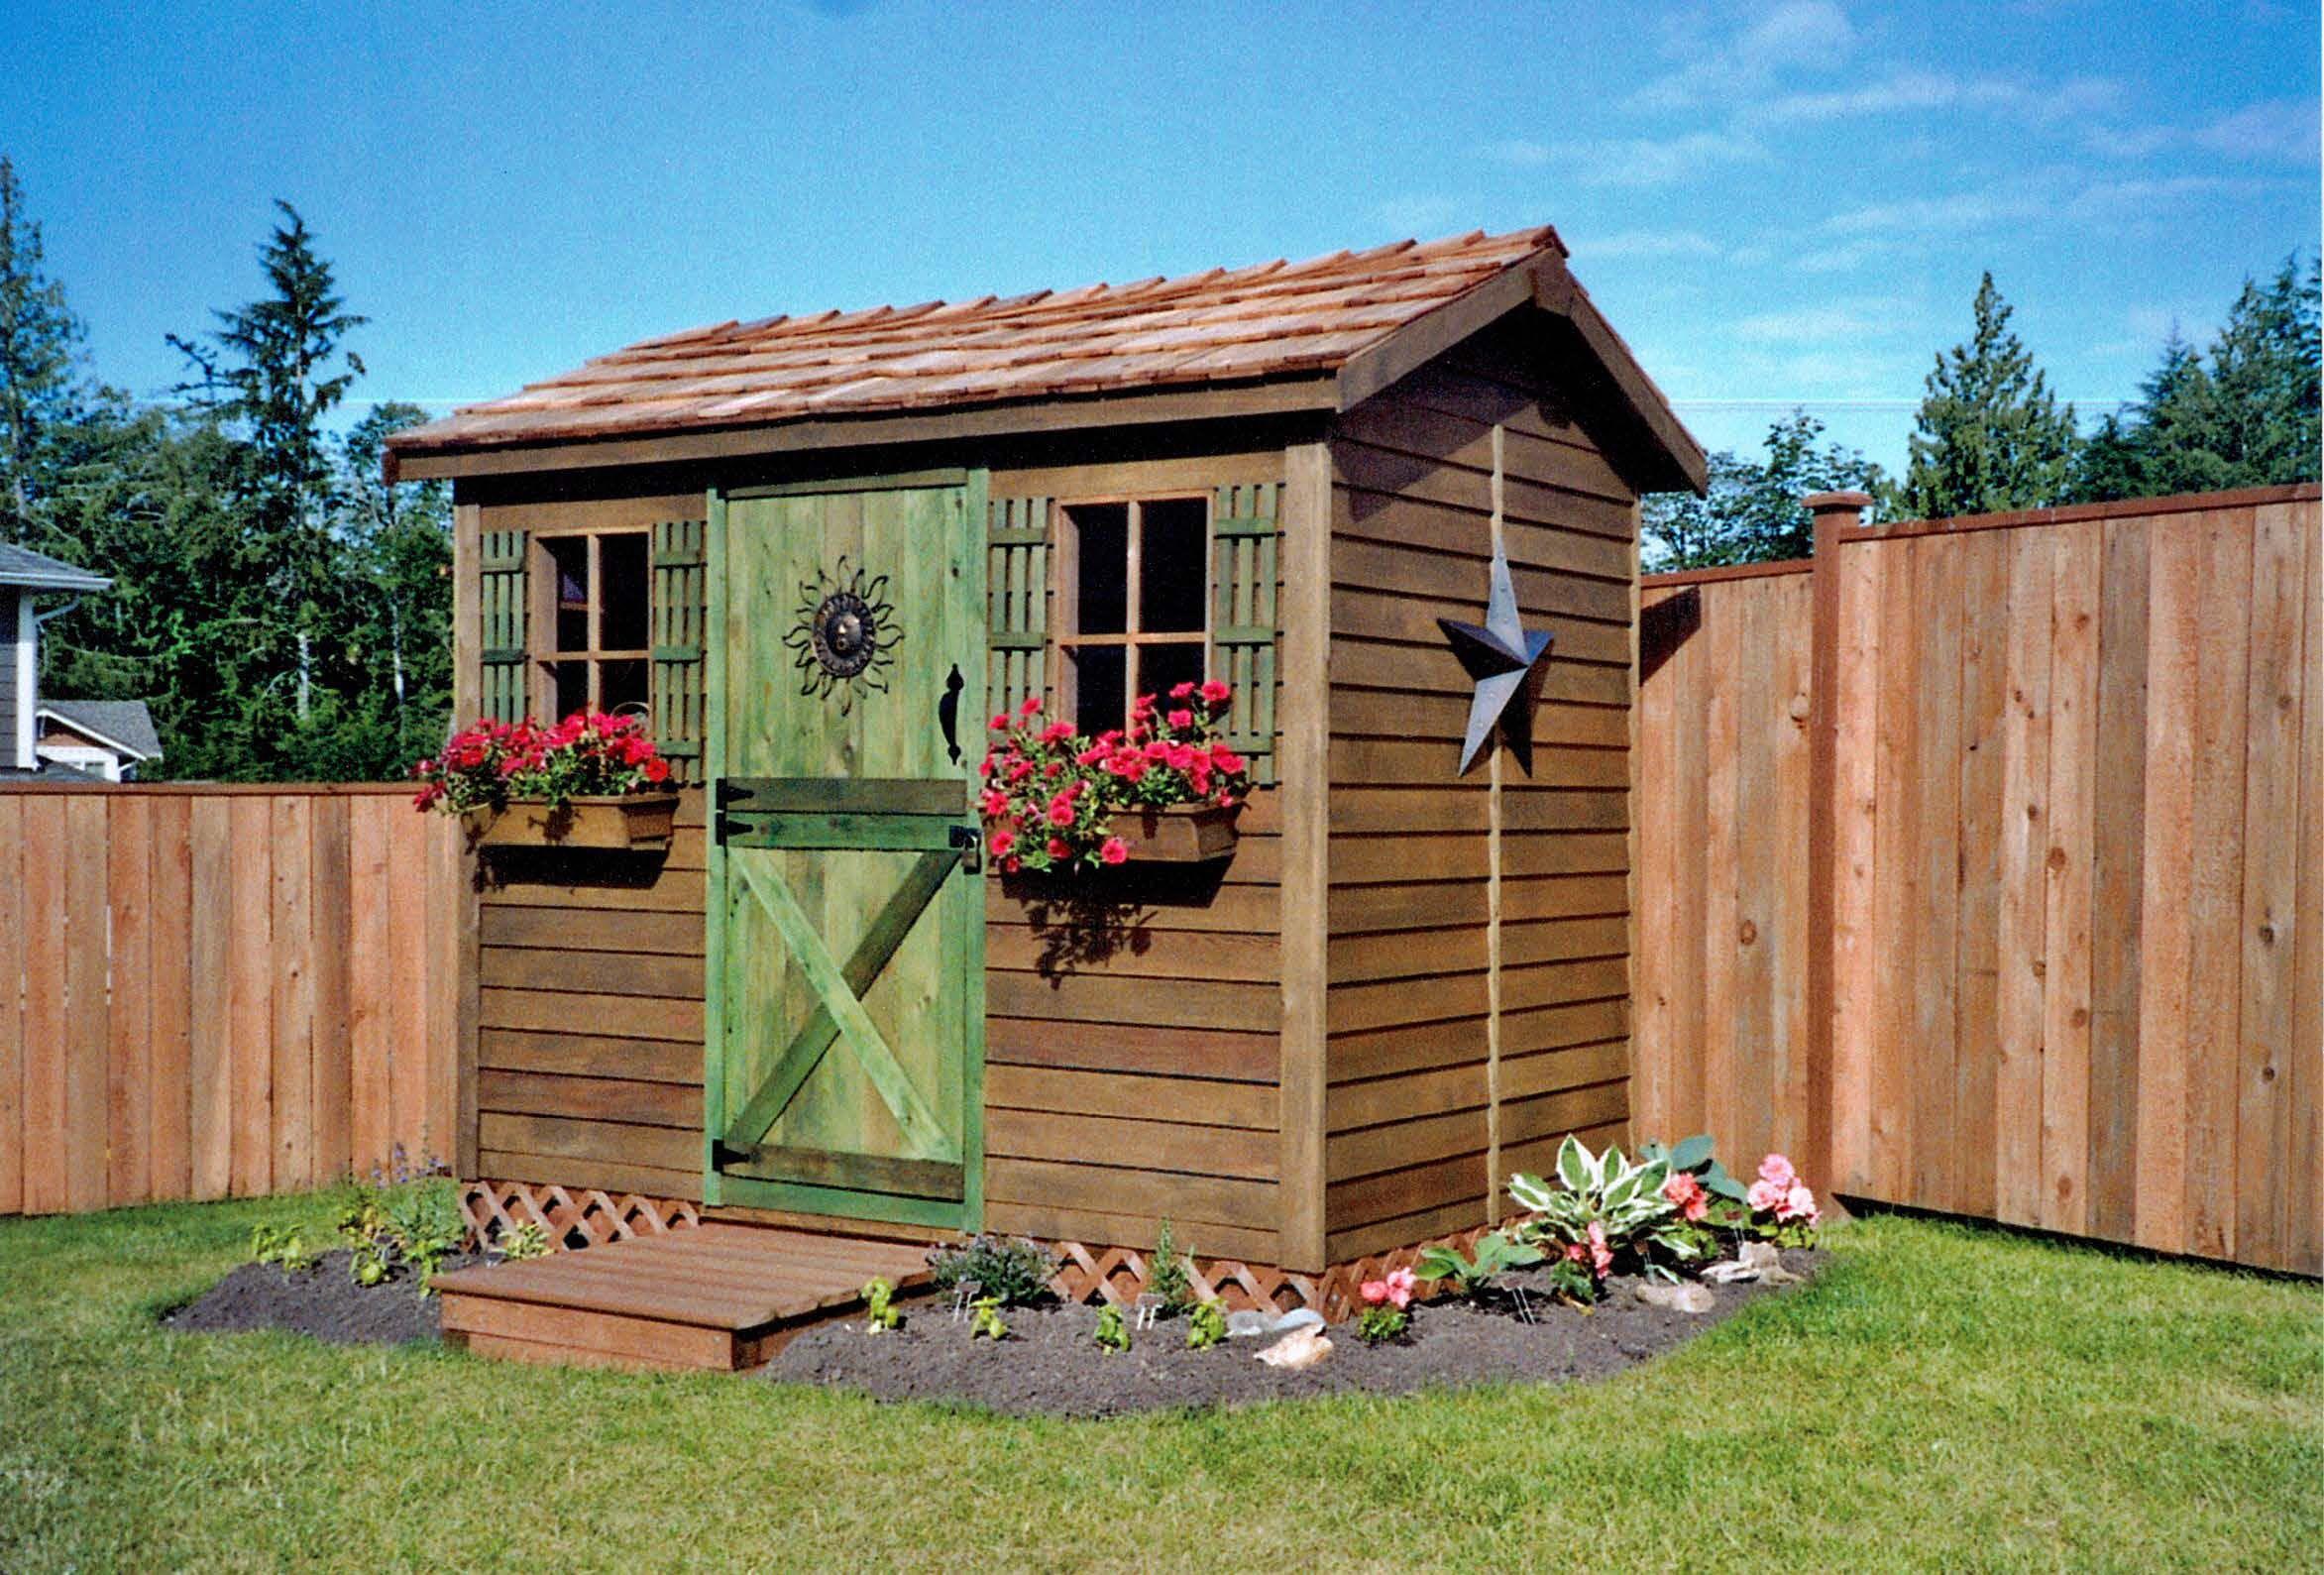 Backyard Cabanas & Small Pool Houses Backyard cabana